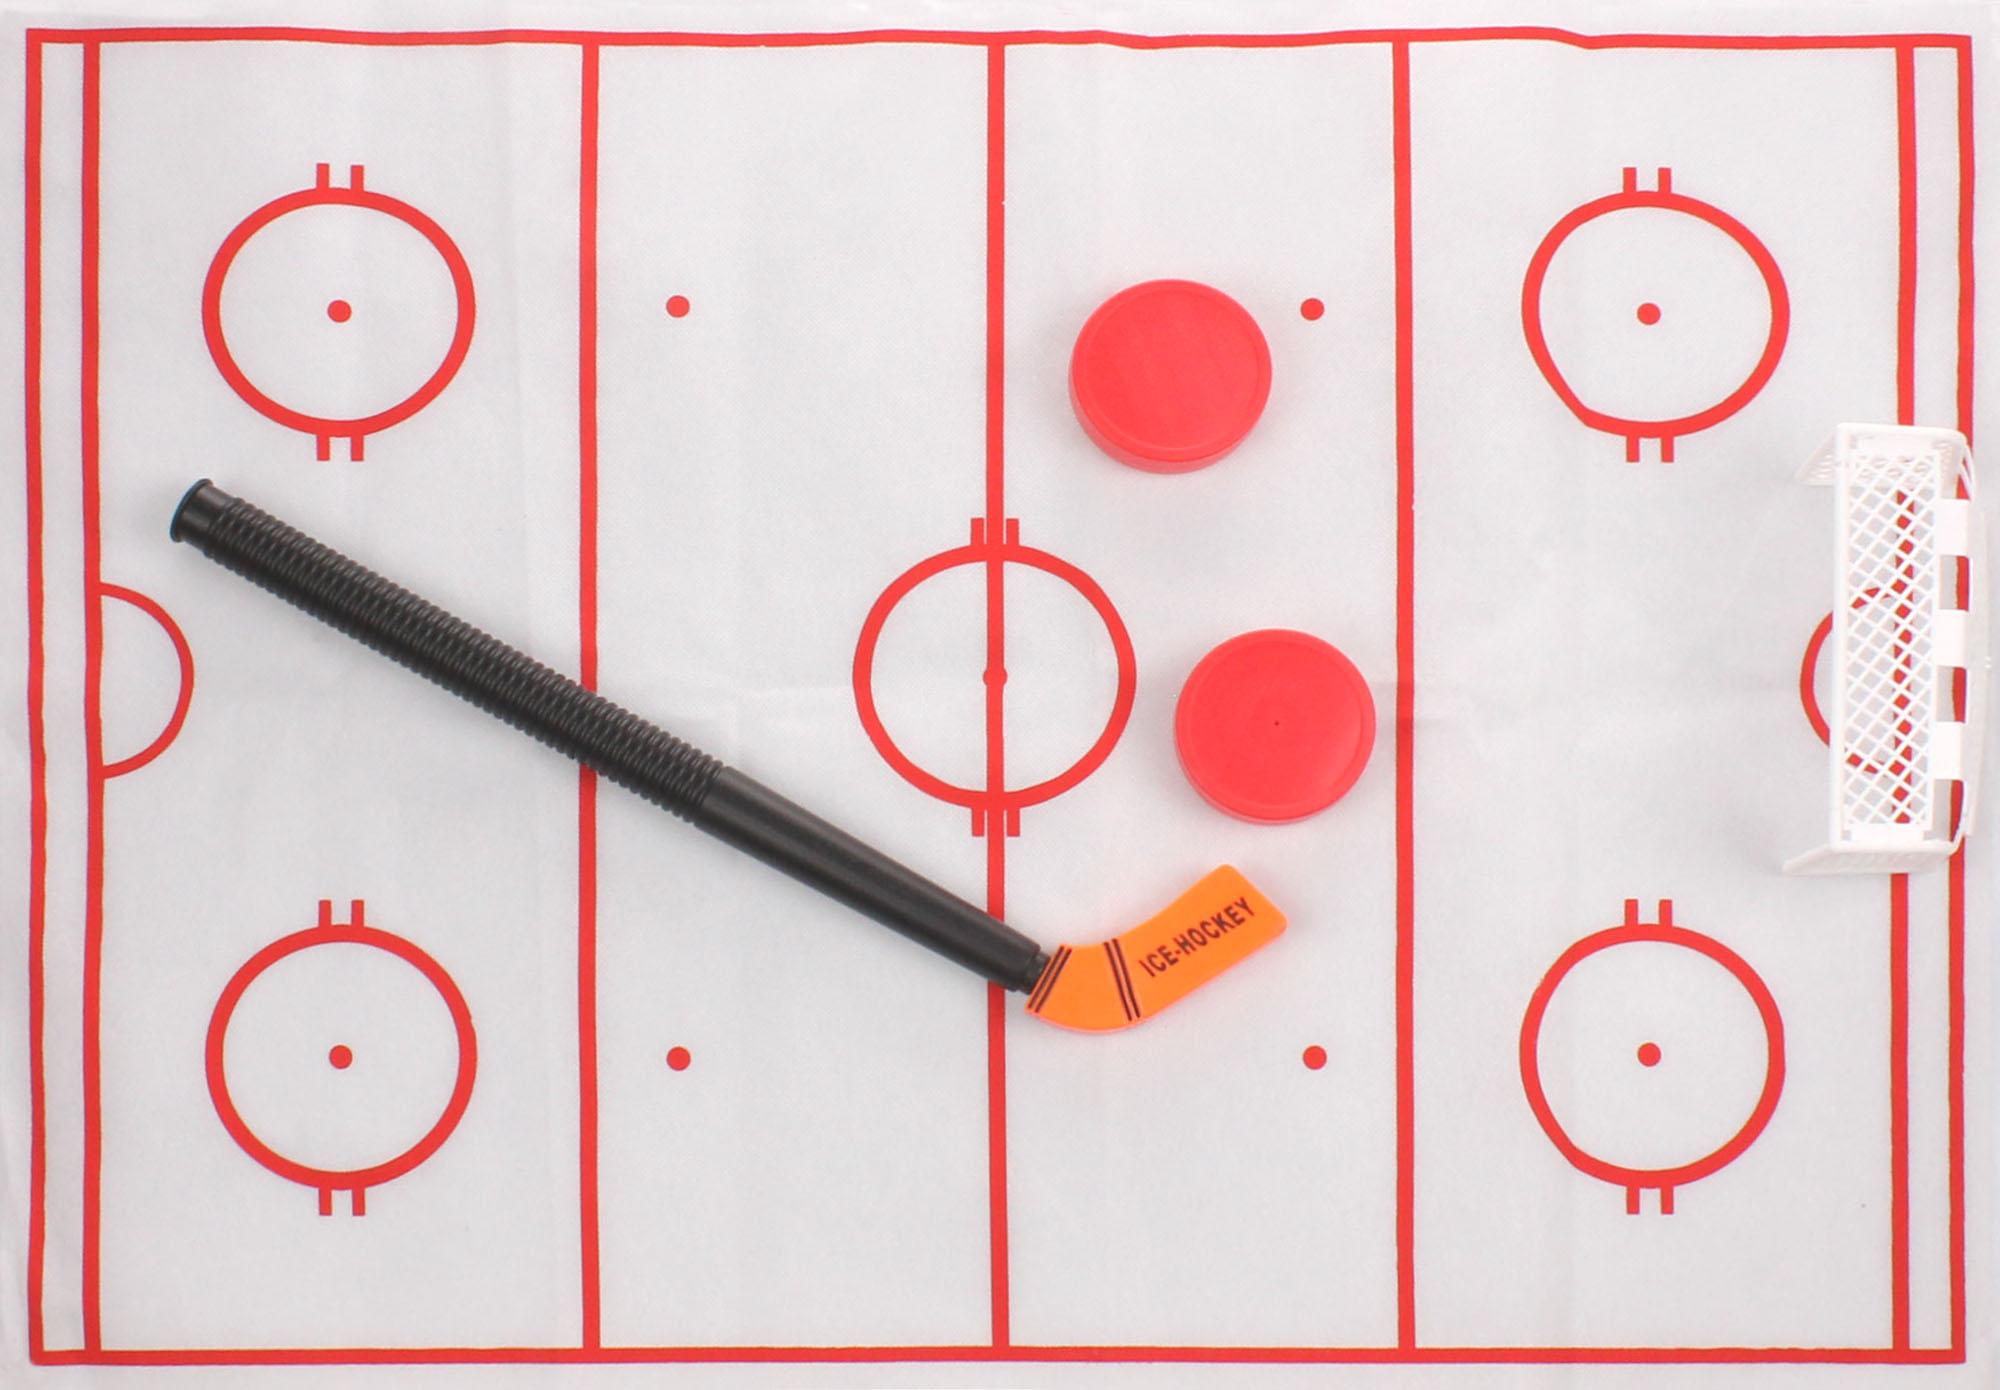 Toilet Hockey stolný hokej (TOILET HOCKEY STOLNý HOKEJ)